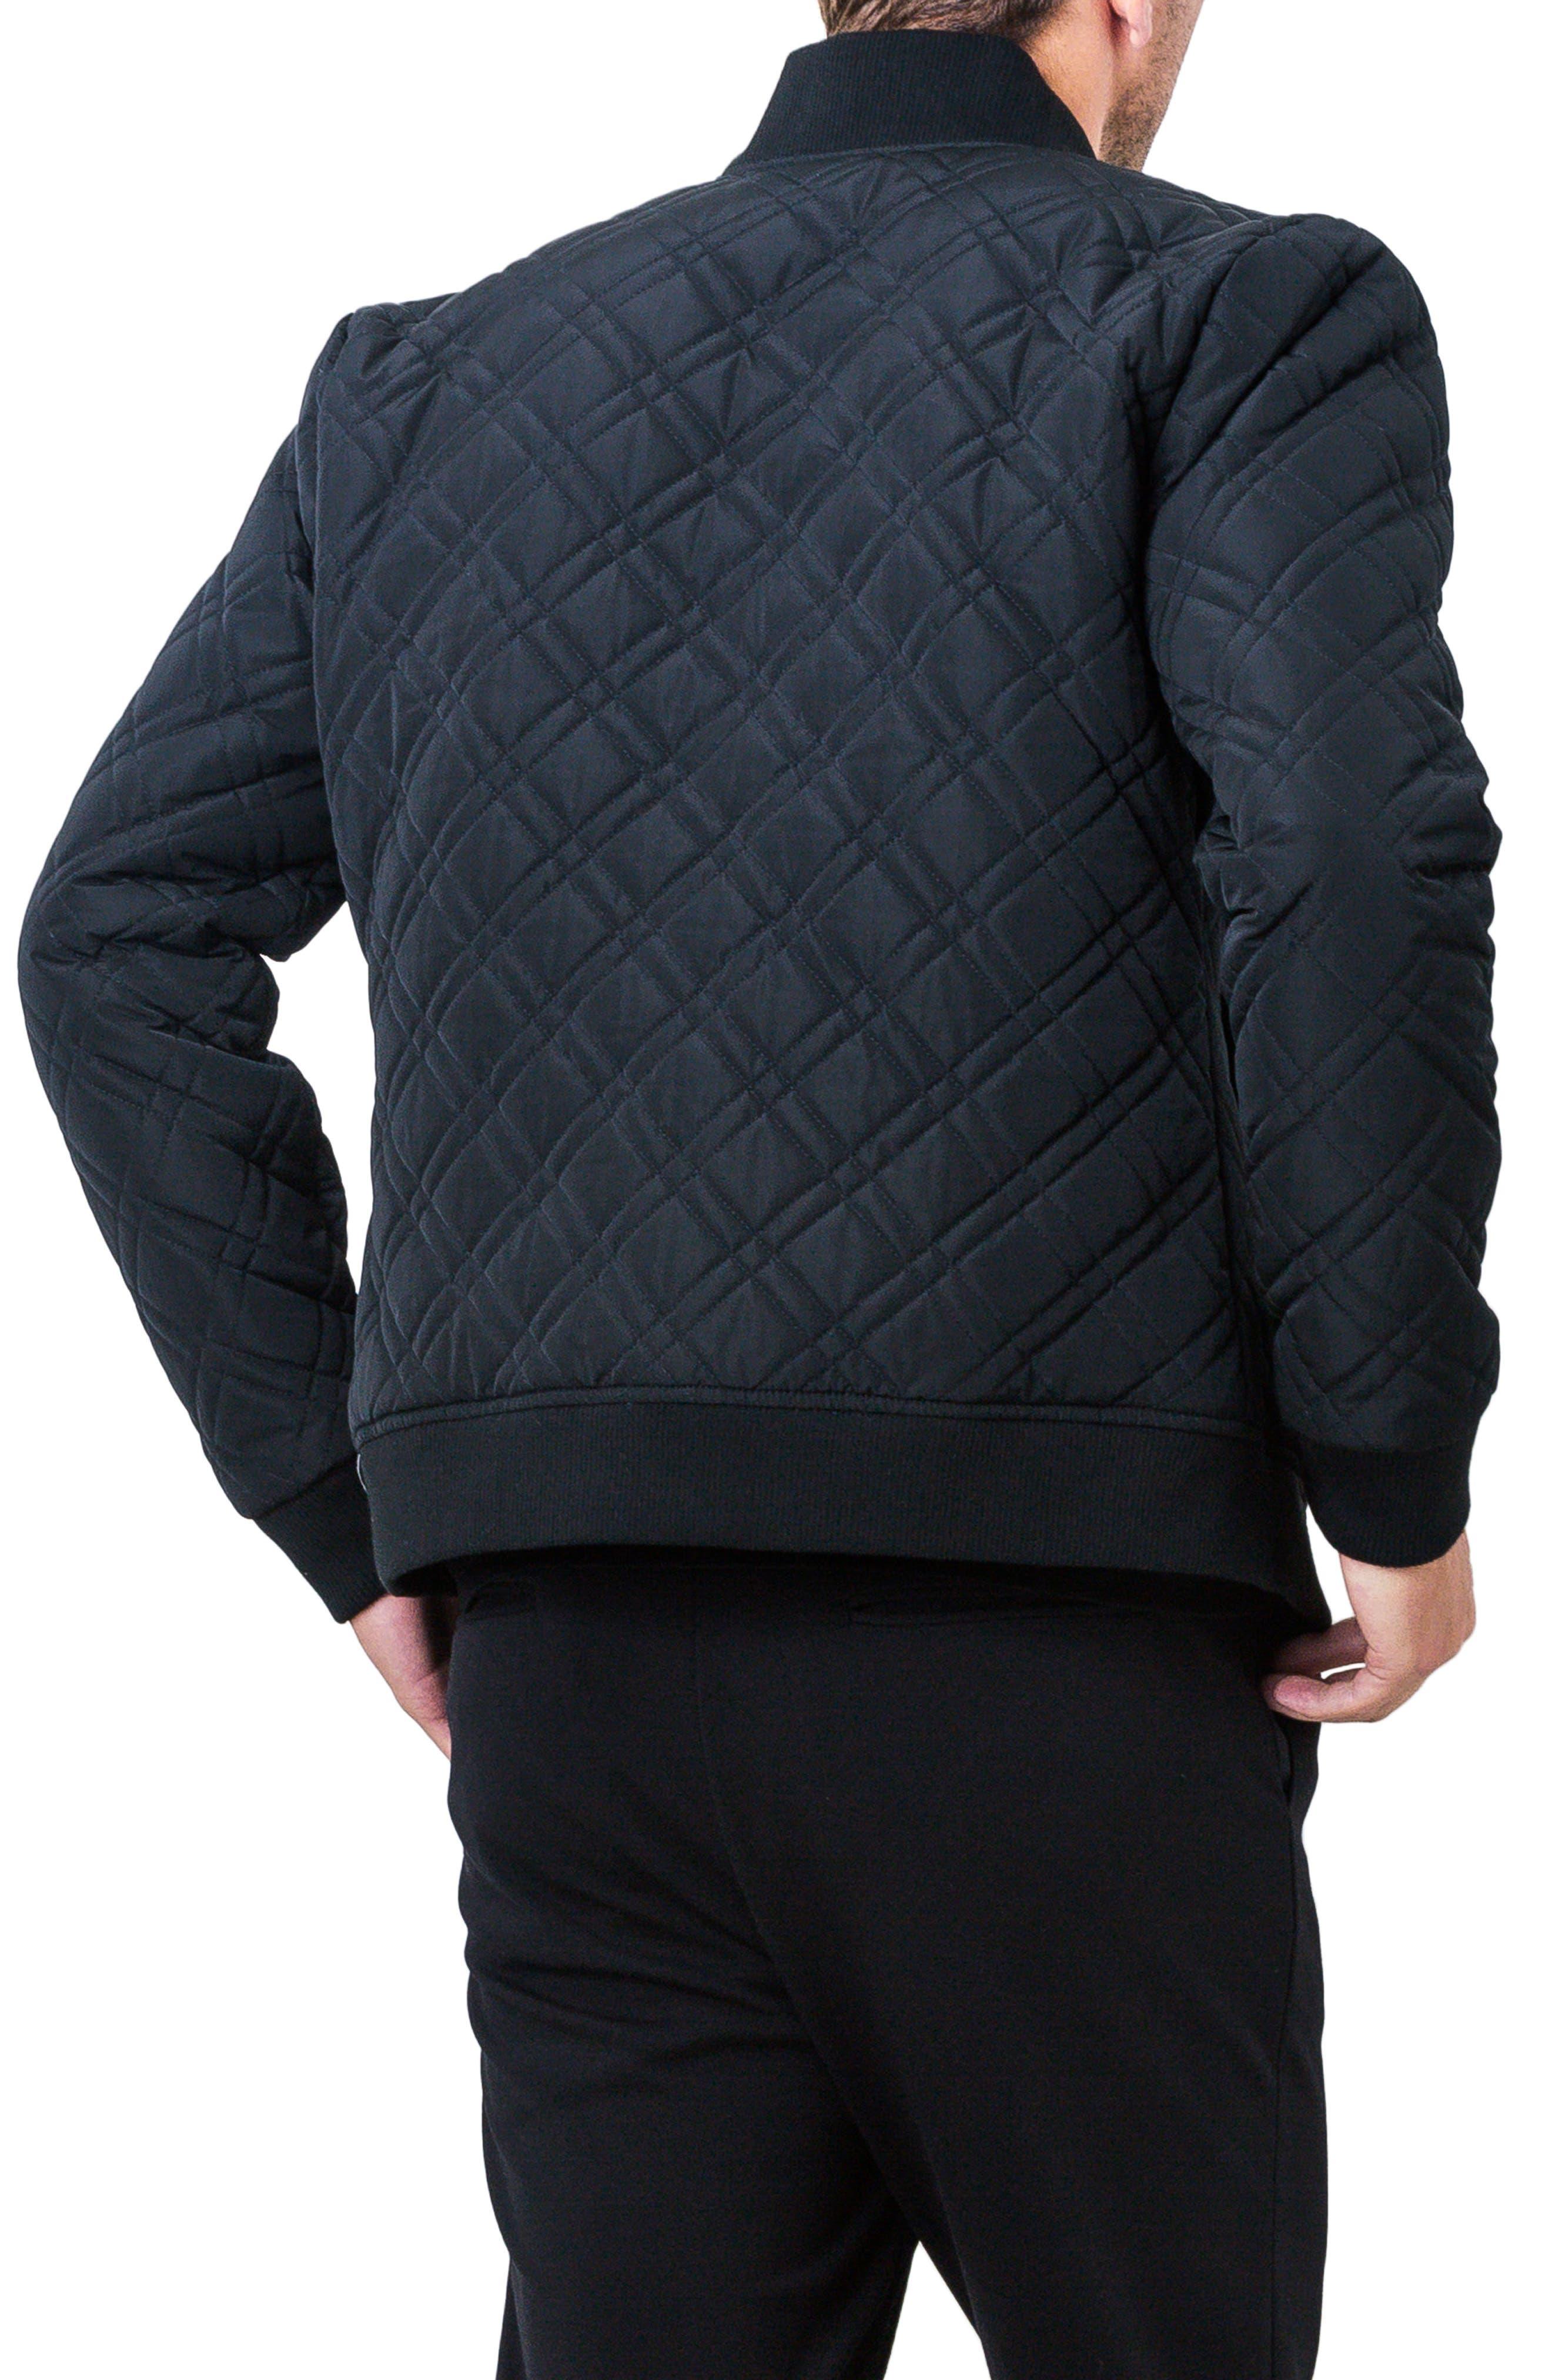 Arca Quilt Jacket,                             Alternate thumbnail 2, color,                             001